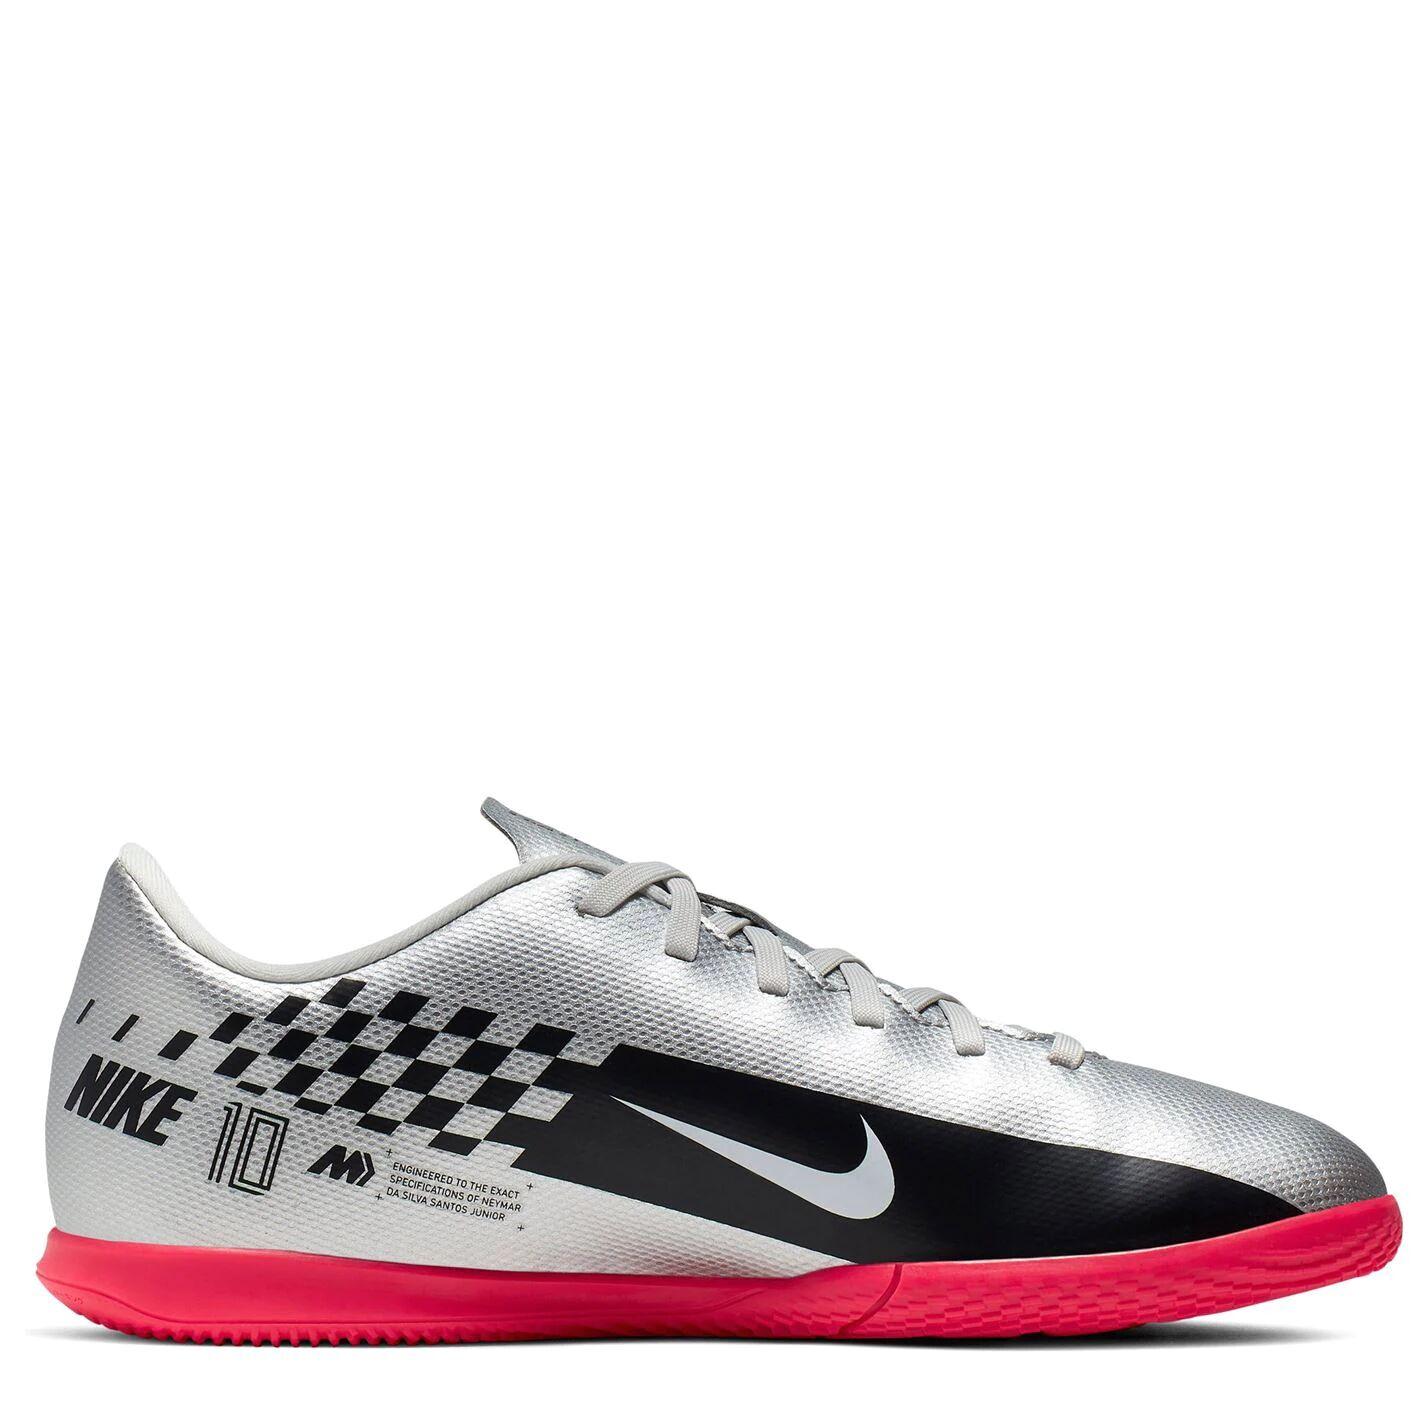 murdărie ieftine ieftin la reducere coduri promoționale Nike Mercurial Vapor Club Neymar Jr Junior Indoor Football ...